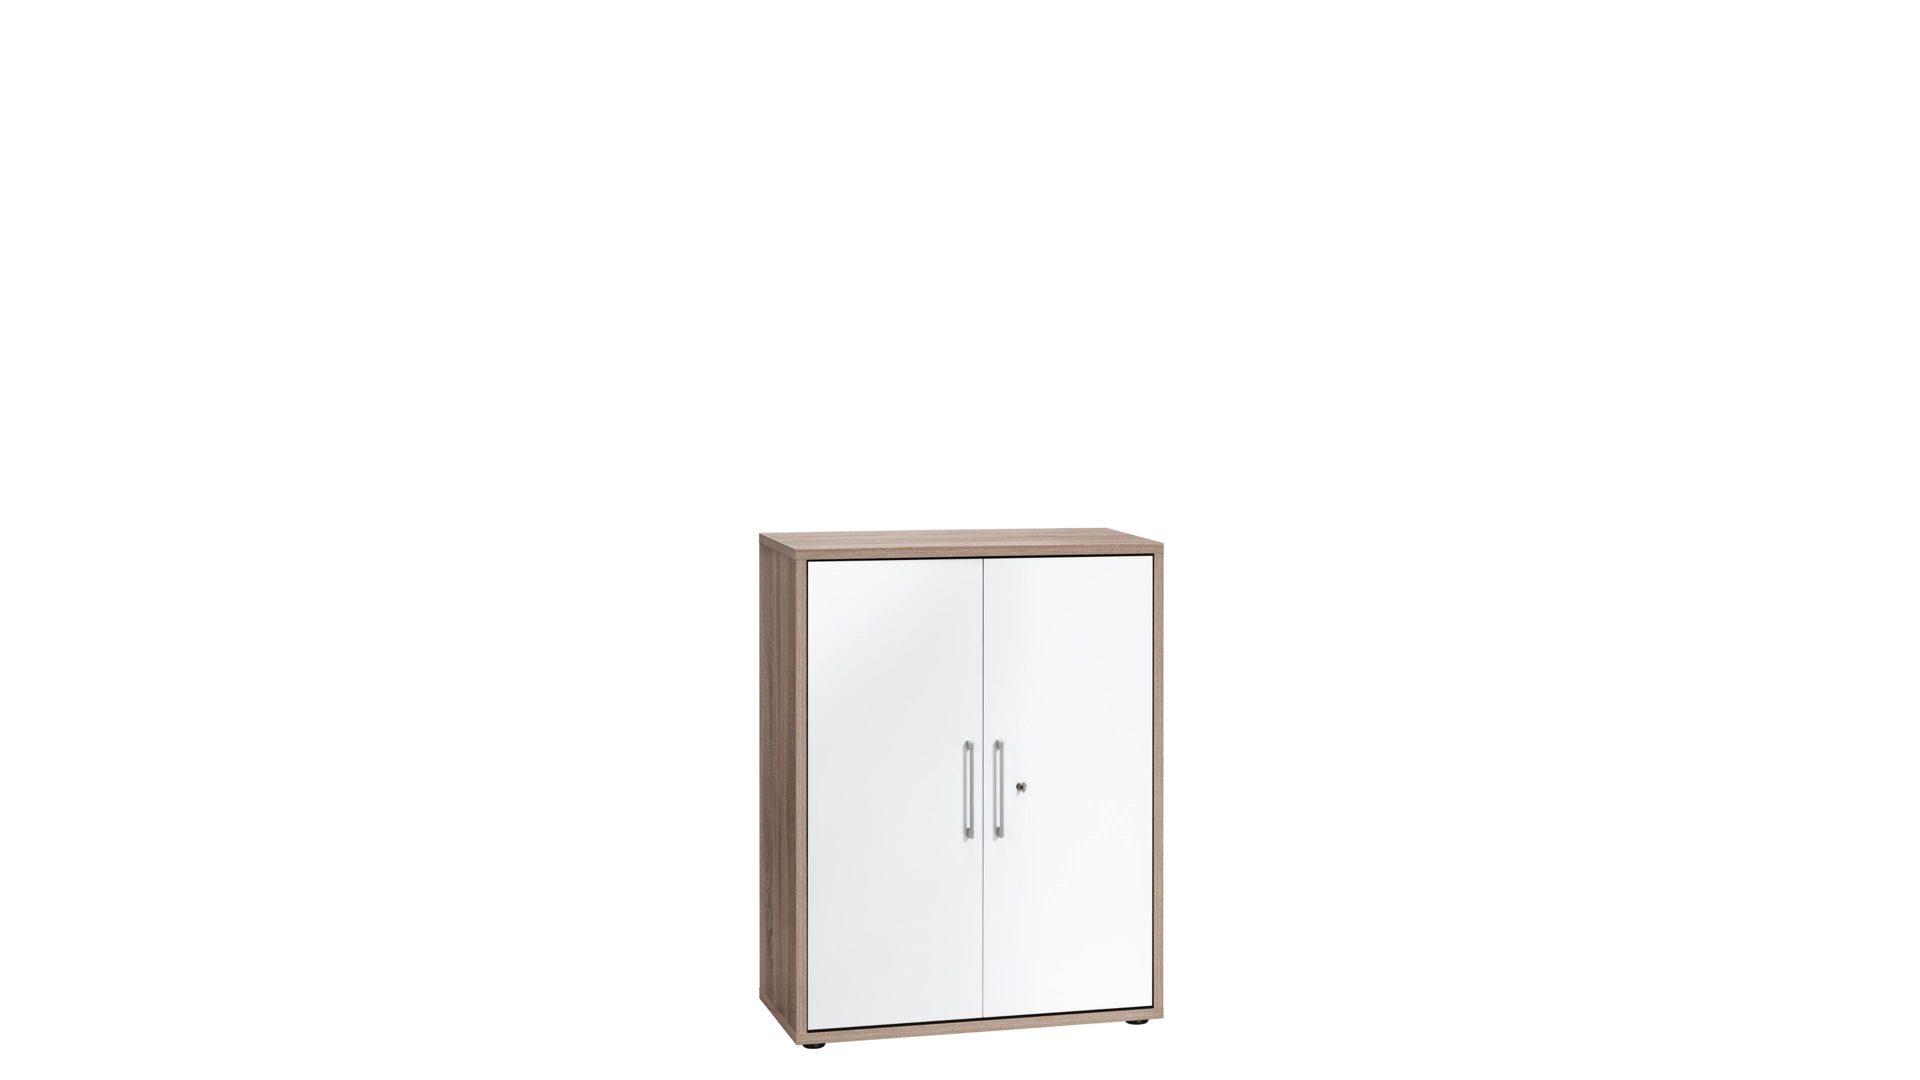 Möbel Eilers Apen Türen Set Contact Türen Set Türen Set Contact